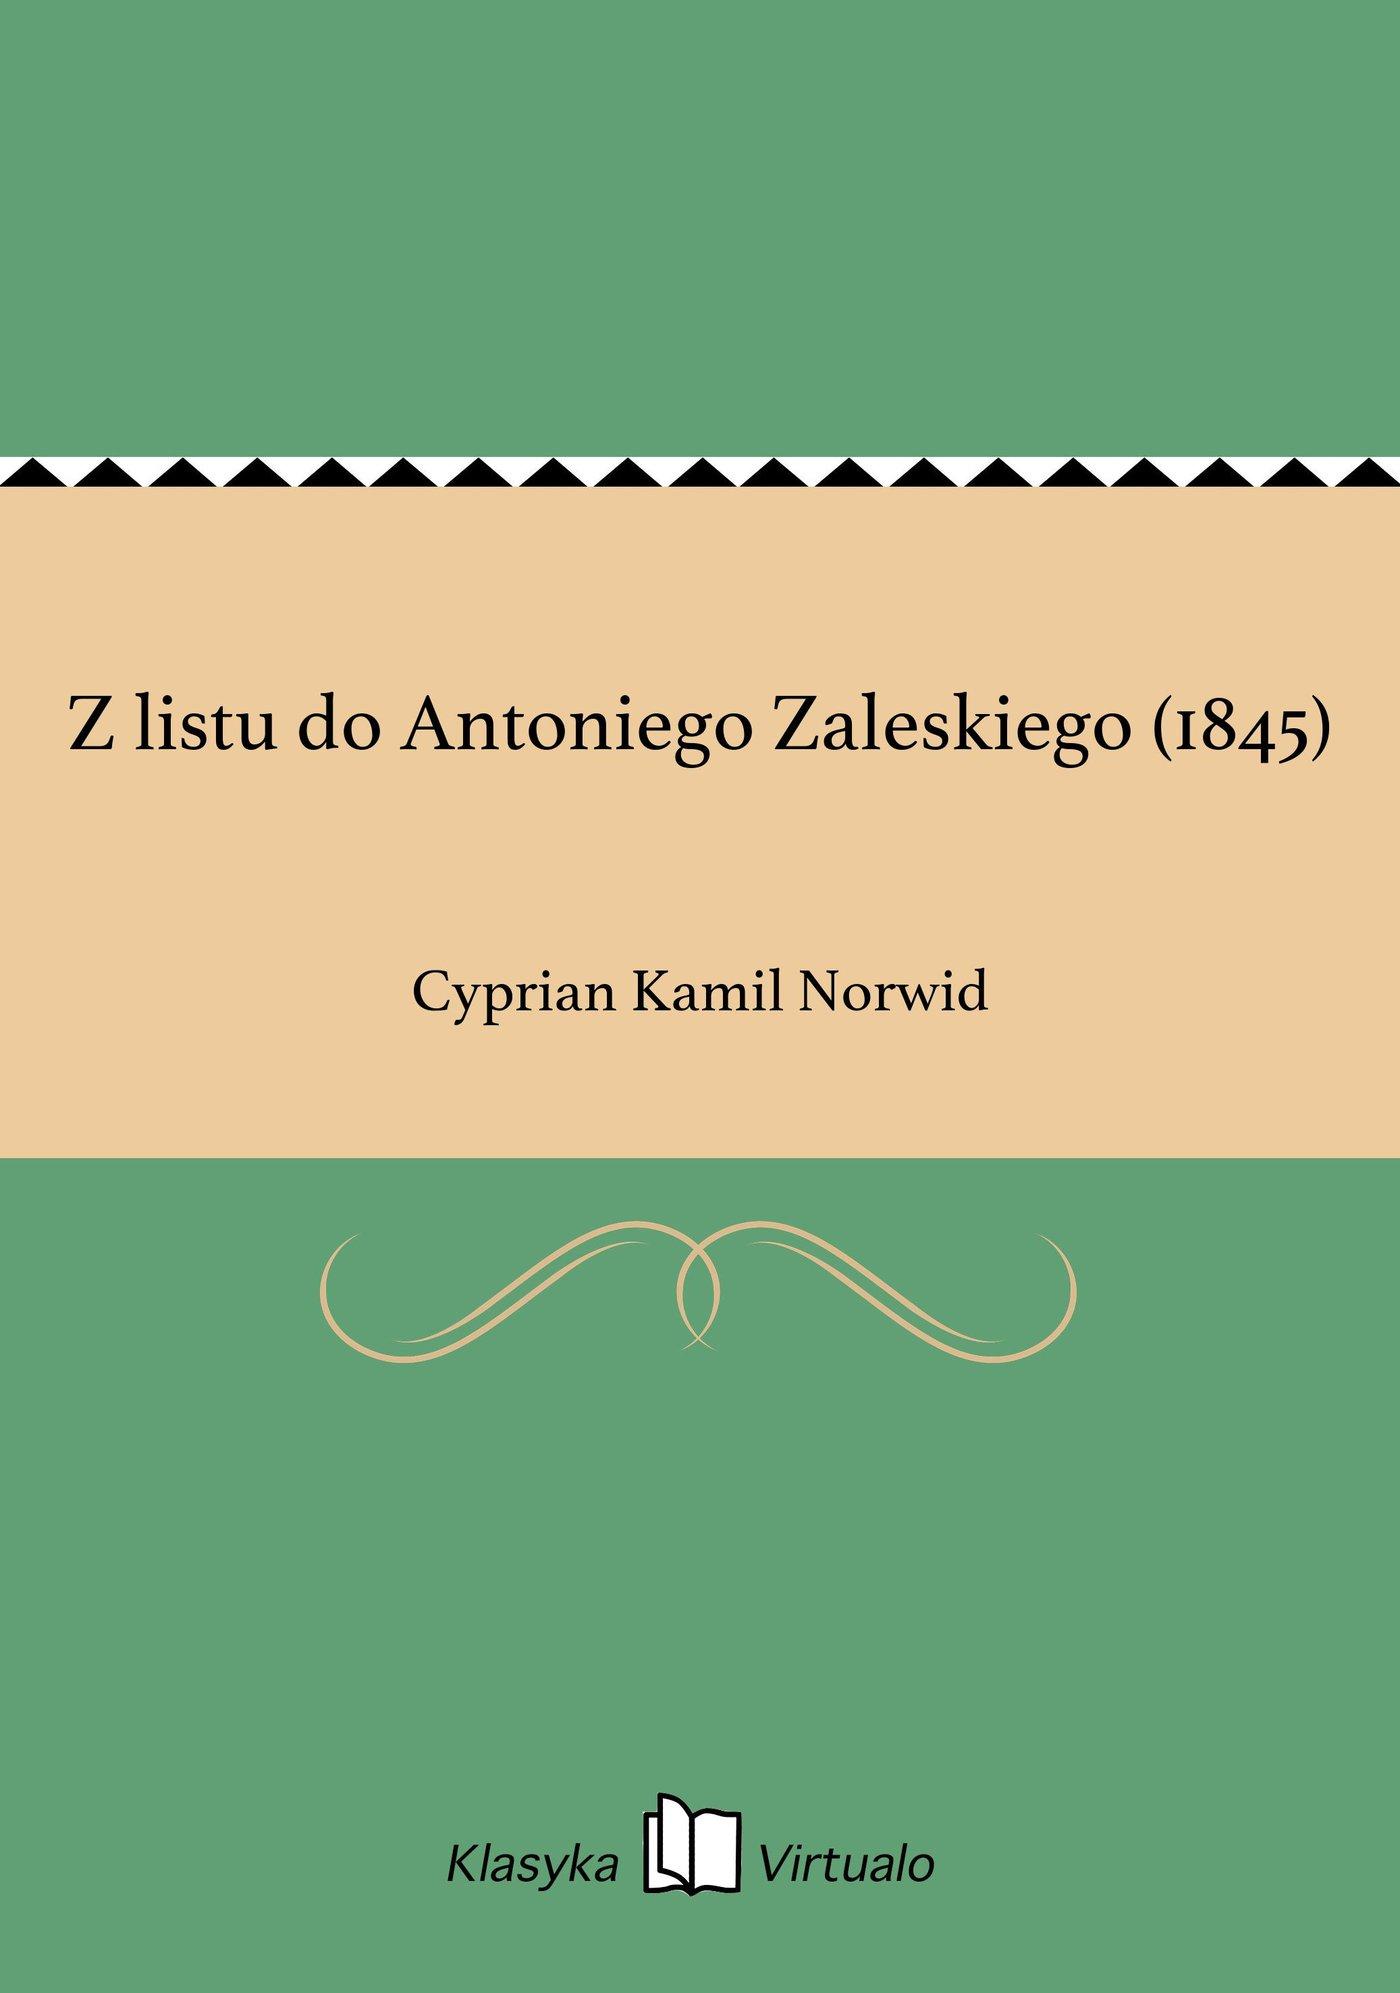 Z listu do Antoniego Zaleskiego (1845) - Ebook (Książka EPUB) do pobrania w formacie EPUB